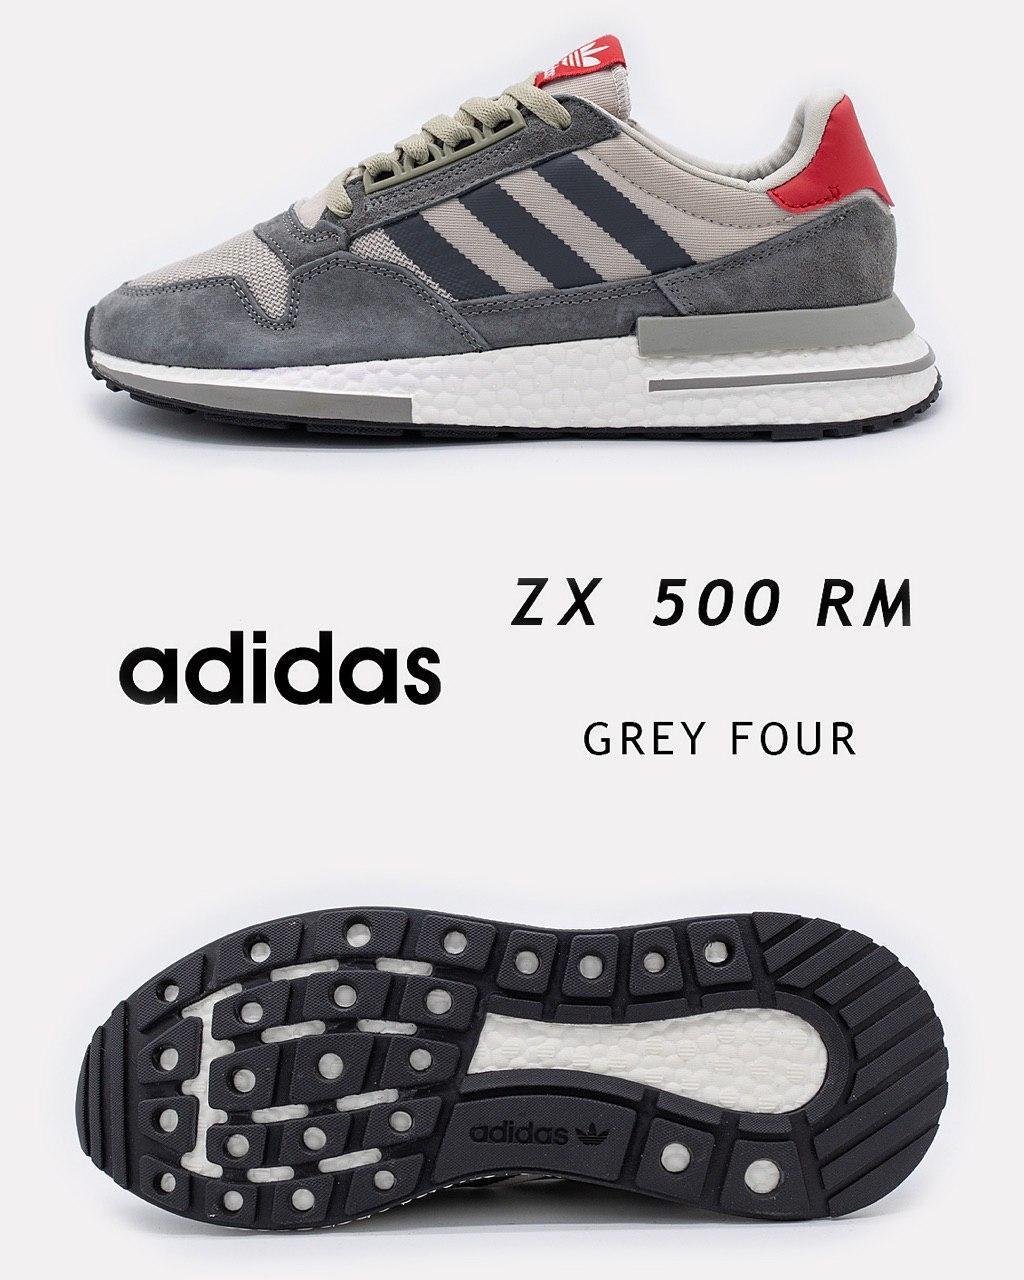 Мужские кроссовки Adidas ZX RM 500 Grey Four. [Размеры в наличии: ]